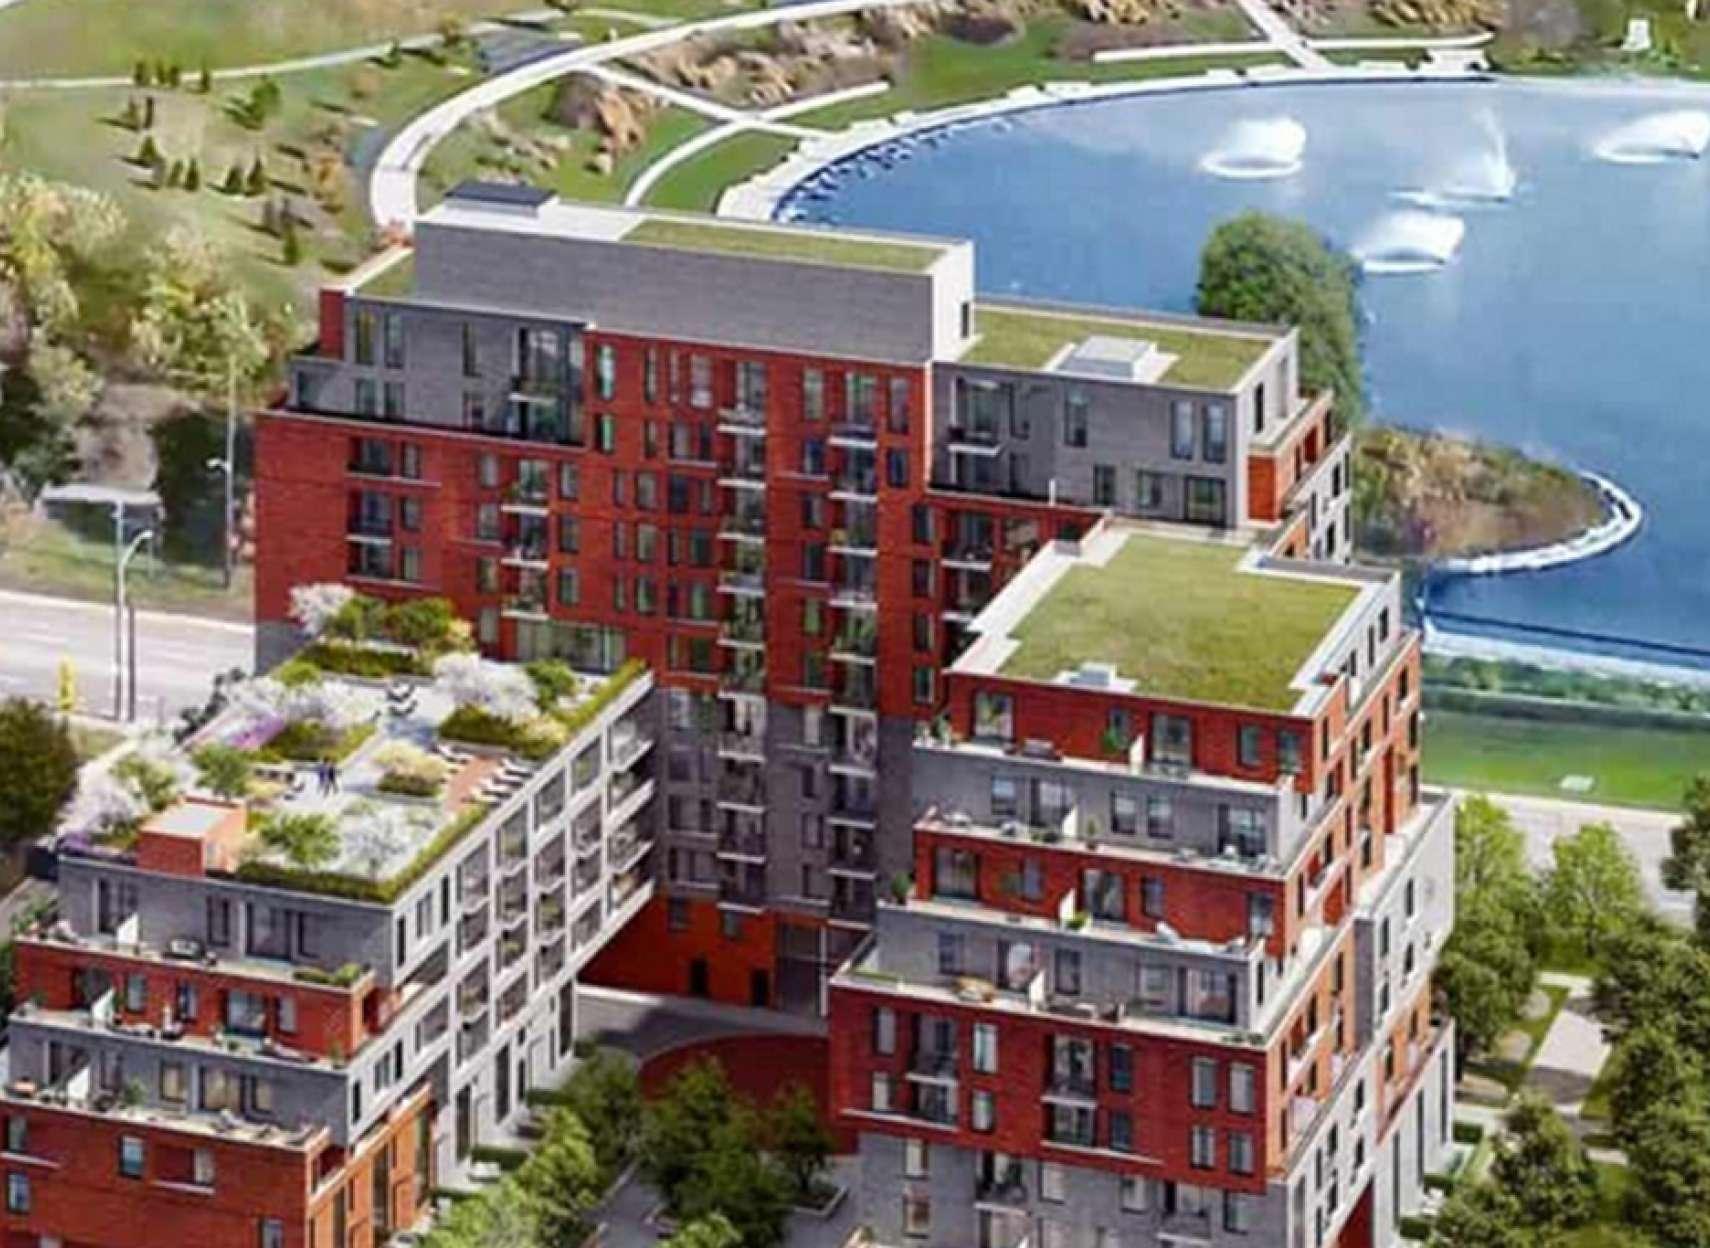 املاک-سیروسی-دو-پروژه-ساختمانی-عالی-با-شرایط-استثنایی